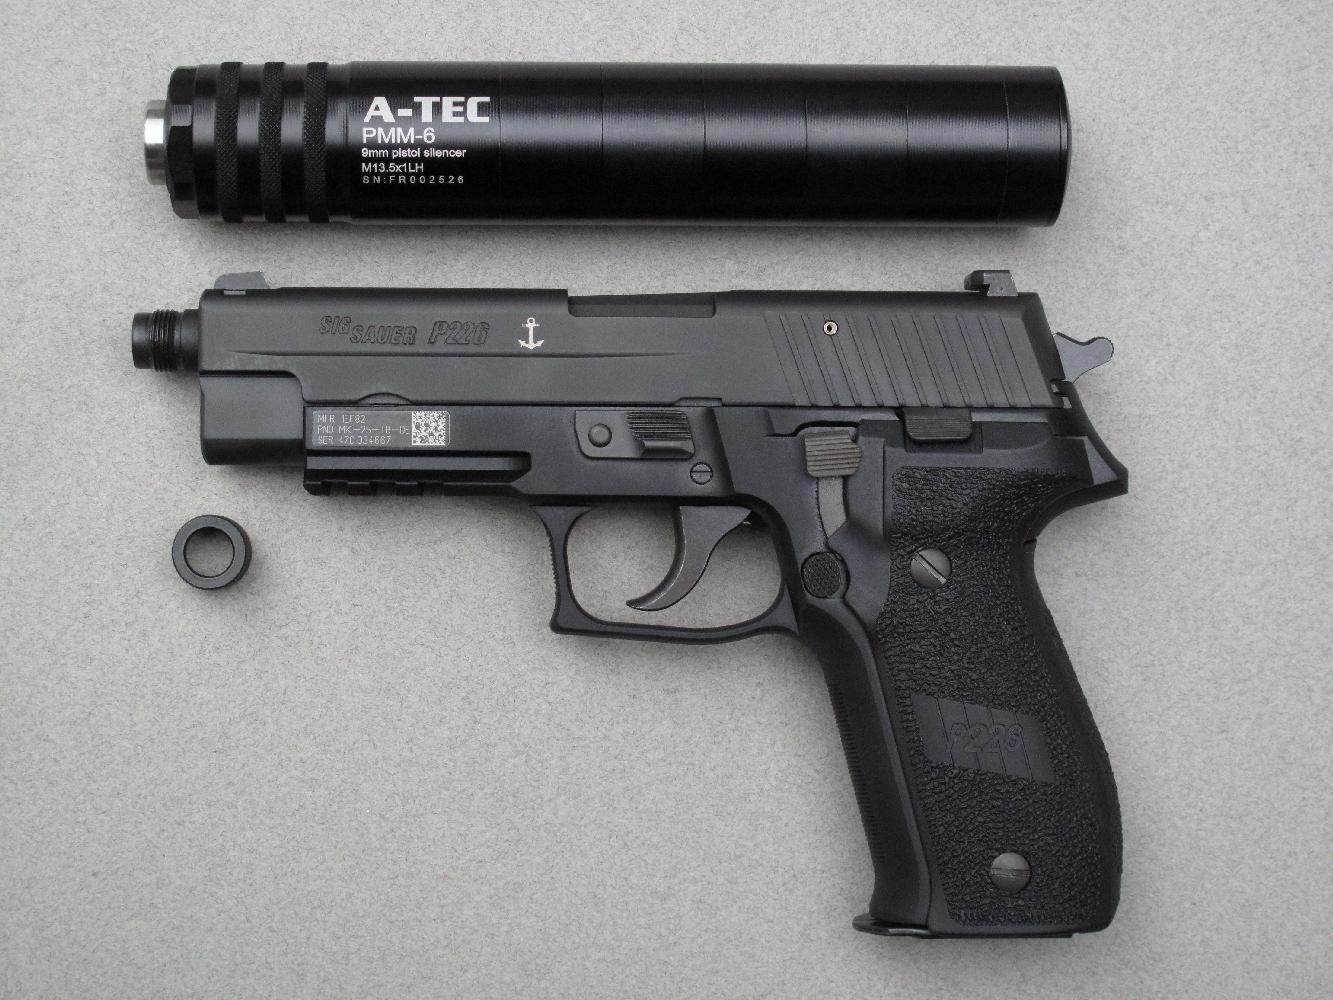 Dans sa configuration standard, le silencieux PMM-6 mesure peu ou prou la même longueur que le pistolet mais il est modulable et peut être instantanément raccourci par son utilisateur.